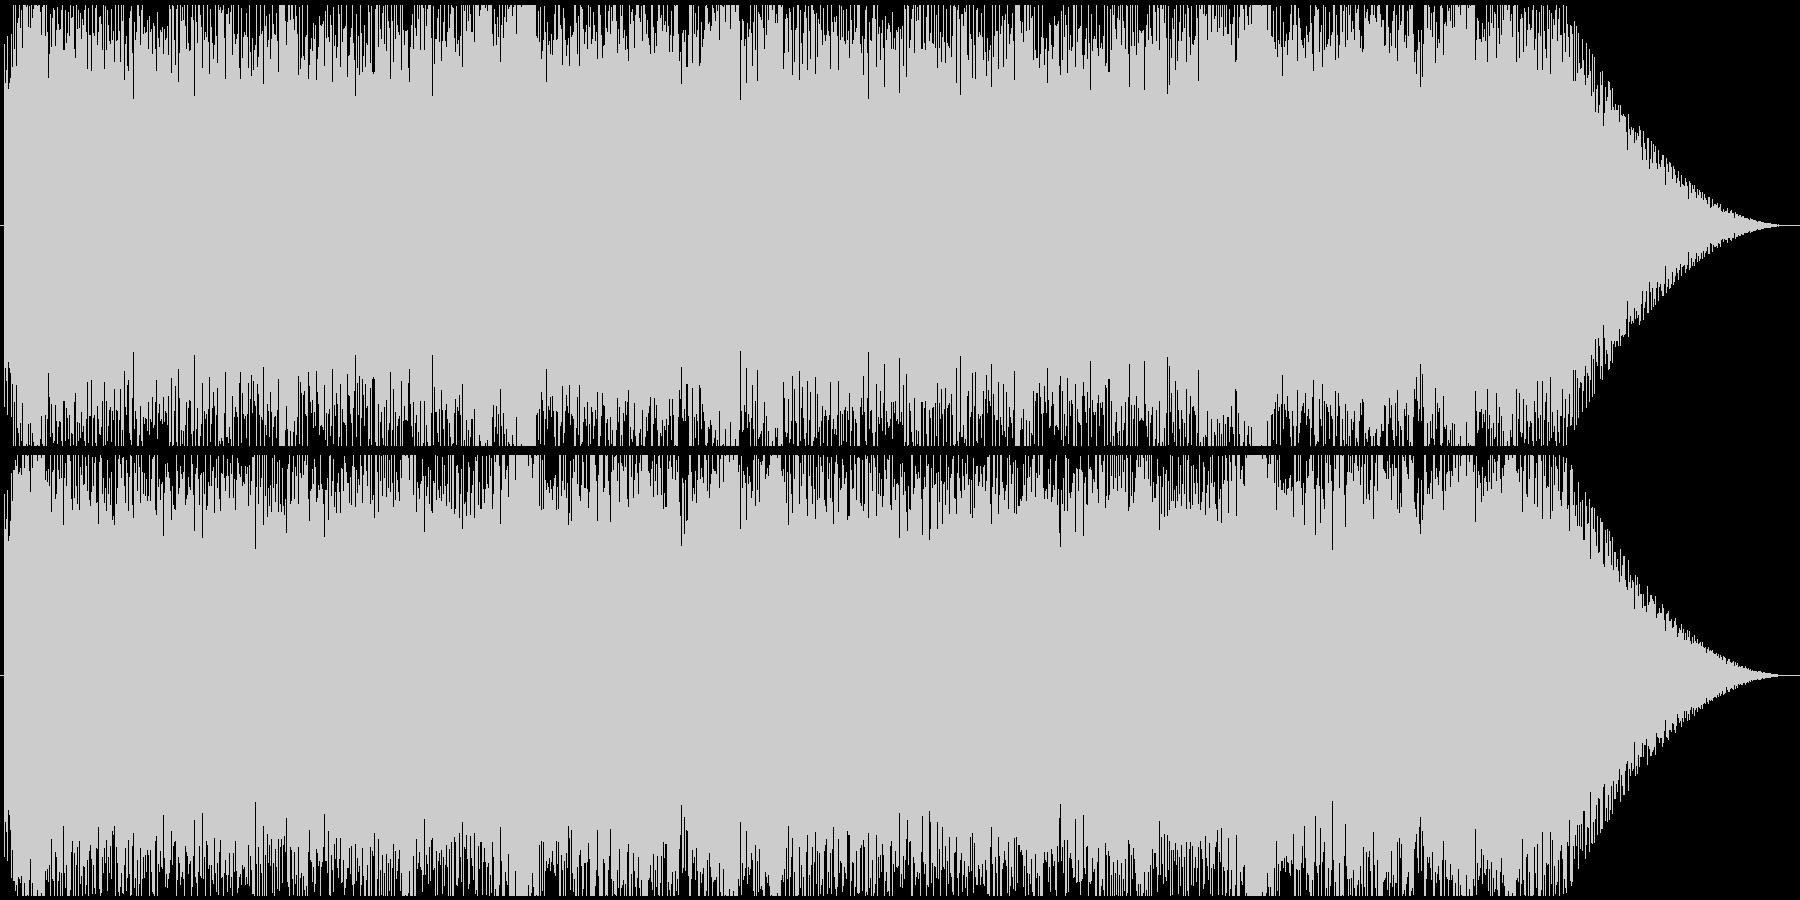 スピード感のあるエレクトロダンスロックの未再生の波形